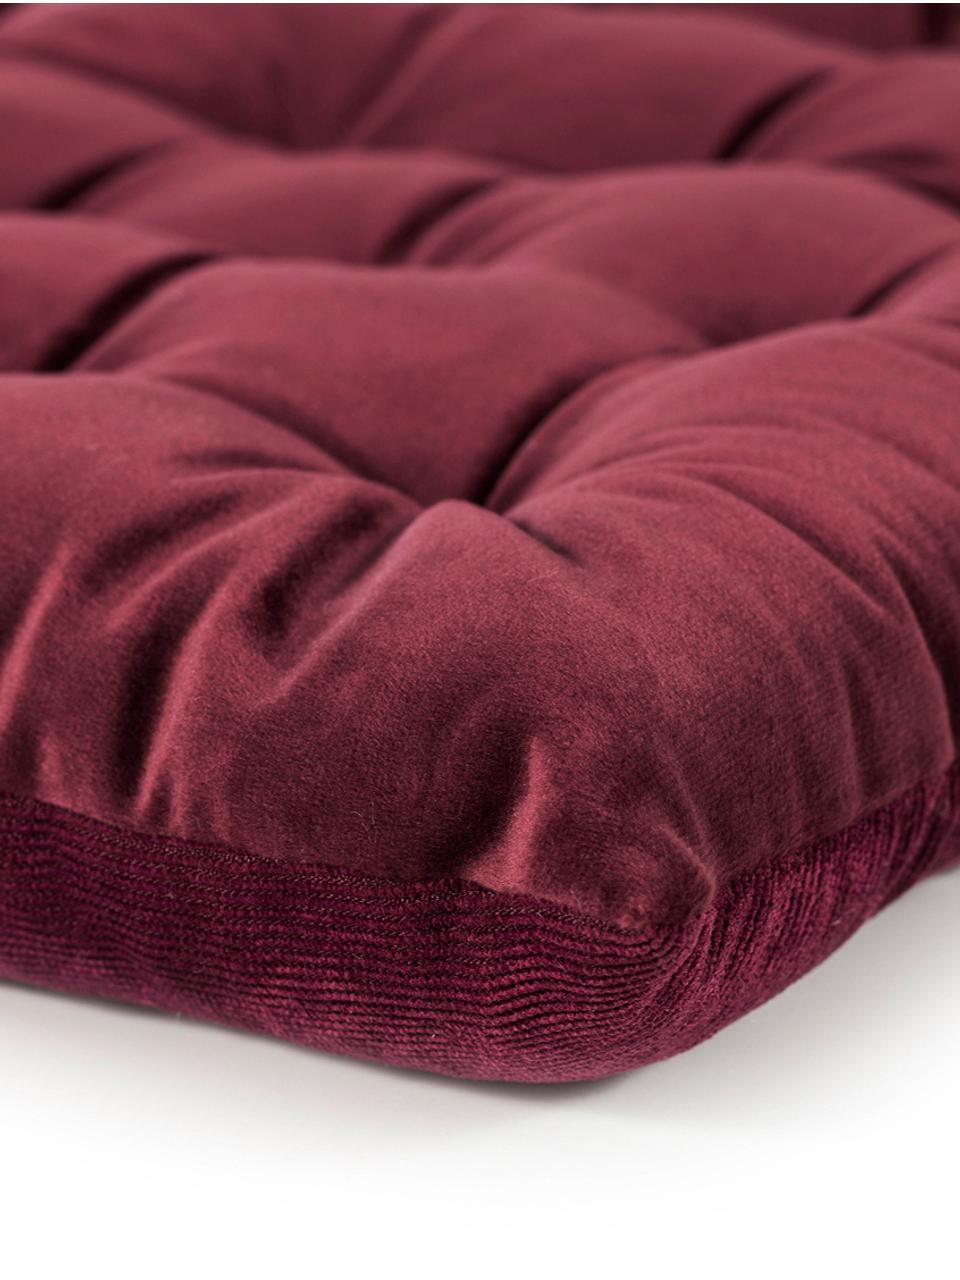 Wendesitzkissen Milana, Samt/Cord, Vorderseite: Polyestersamt, Rückseite: Cord (90% Polyester, 7% N, Weinrot, 40 x 40 cm